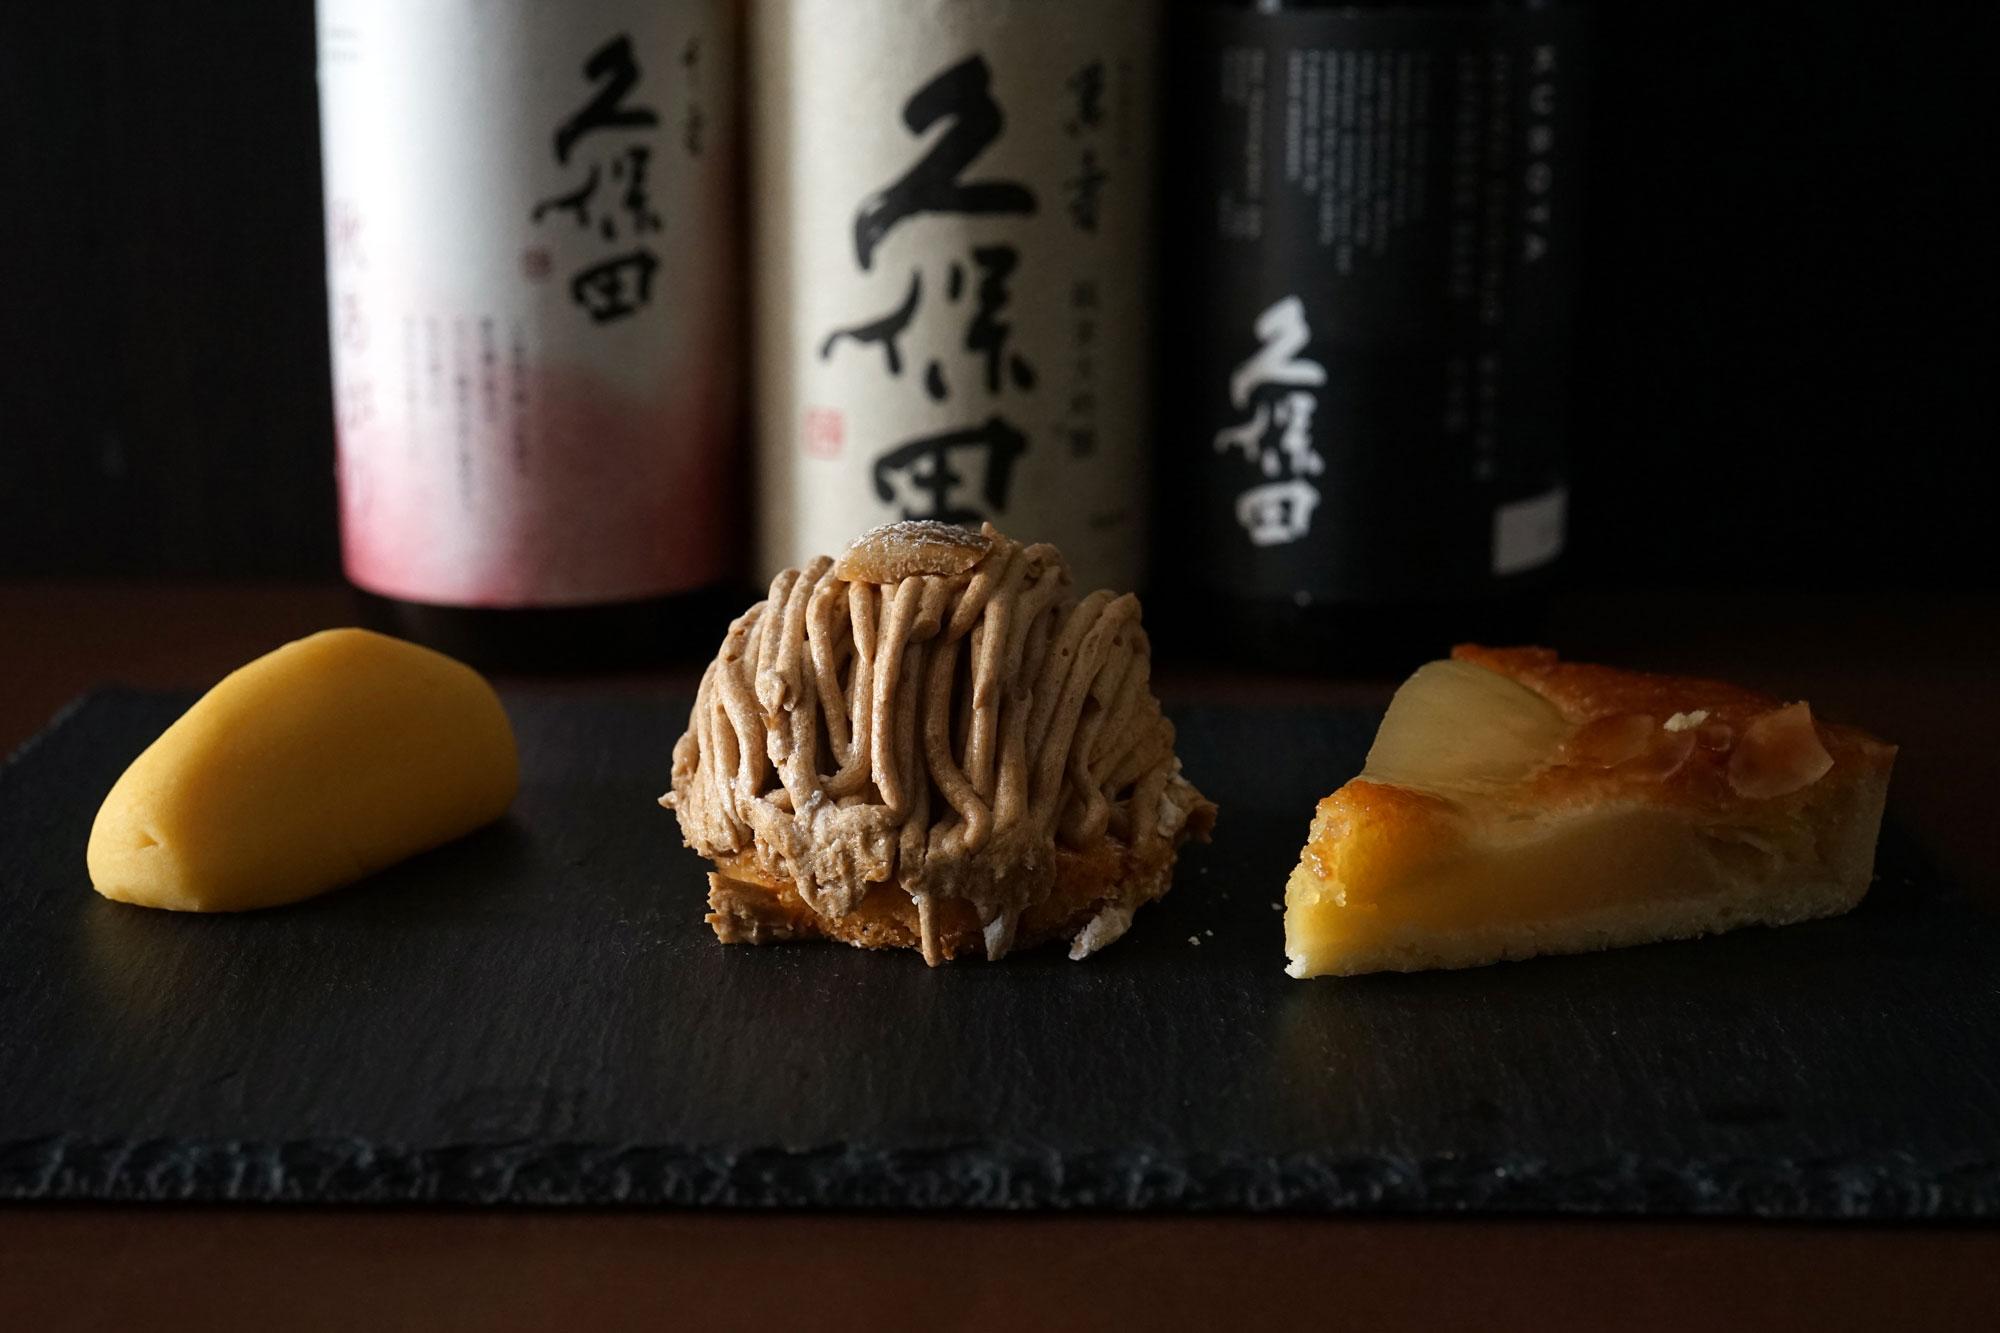 秋の夜長に味わいたい、秋のスイーツと日本酒ペアリング